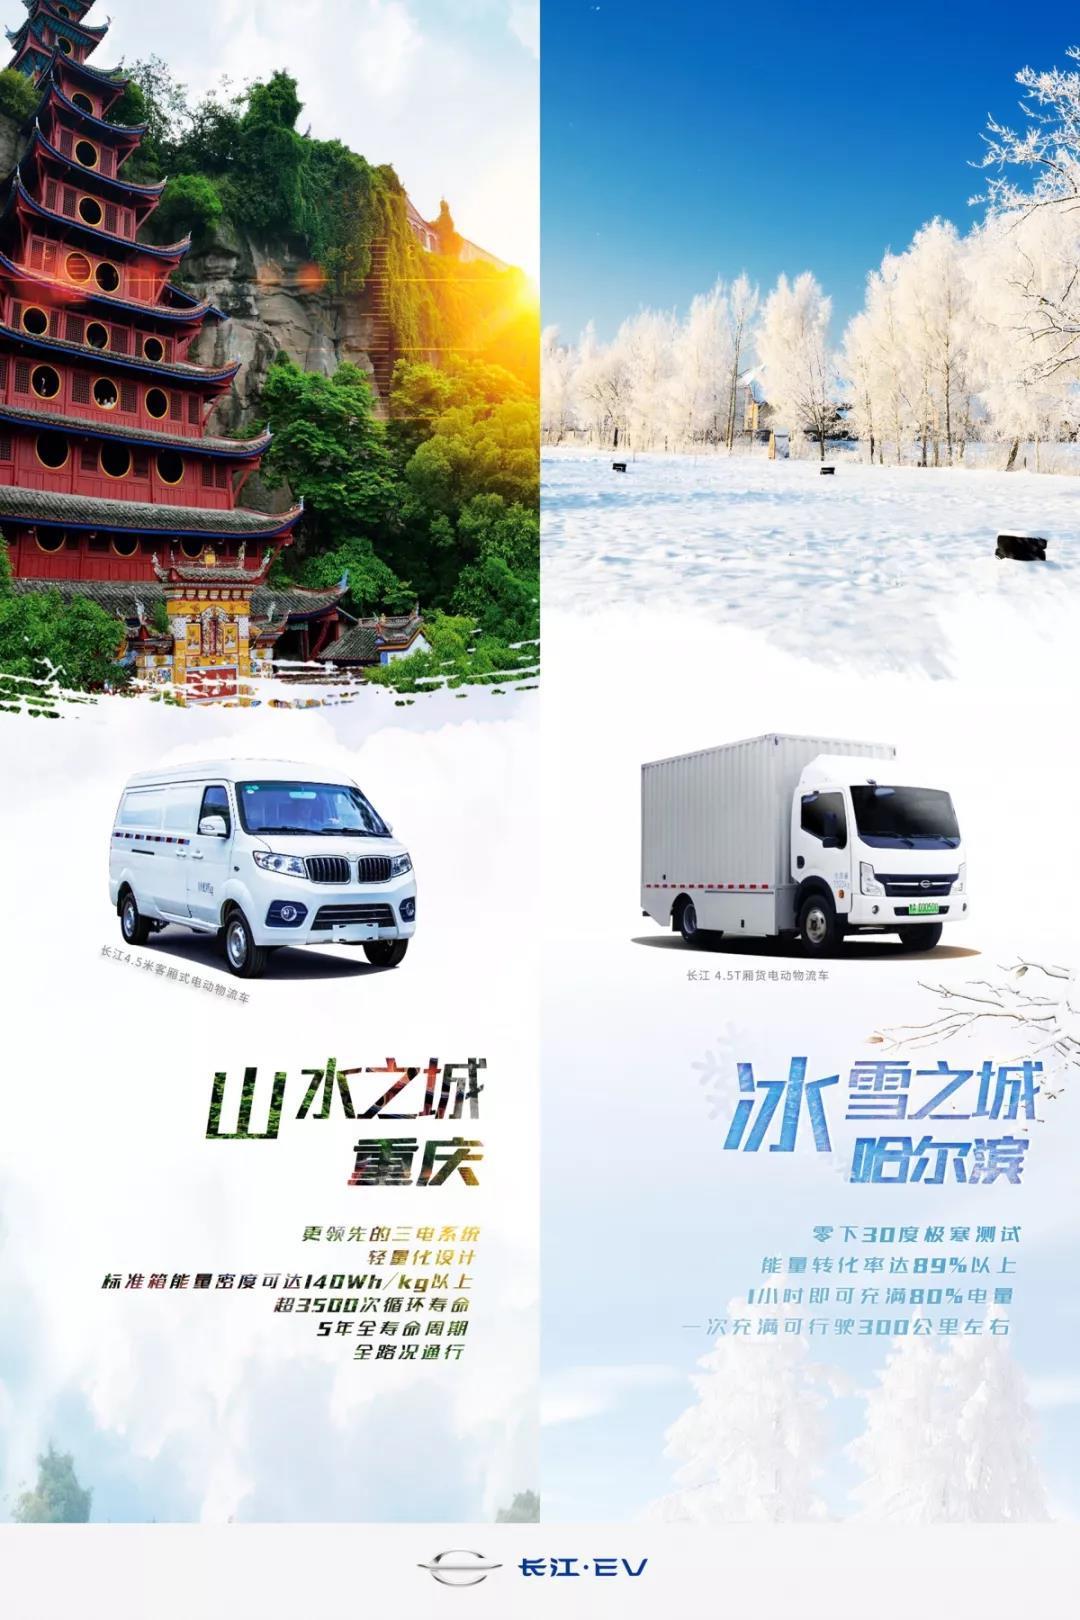 长江电动物流车将进入重庆,哈尔滨